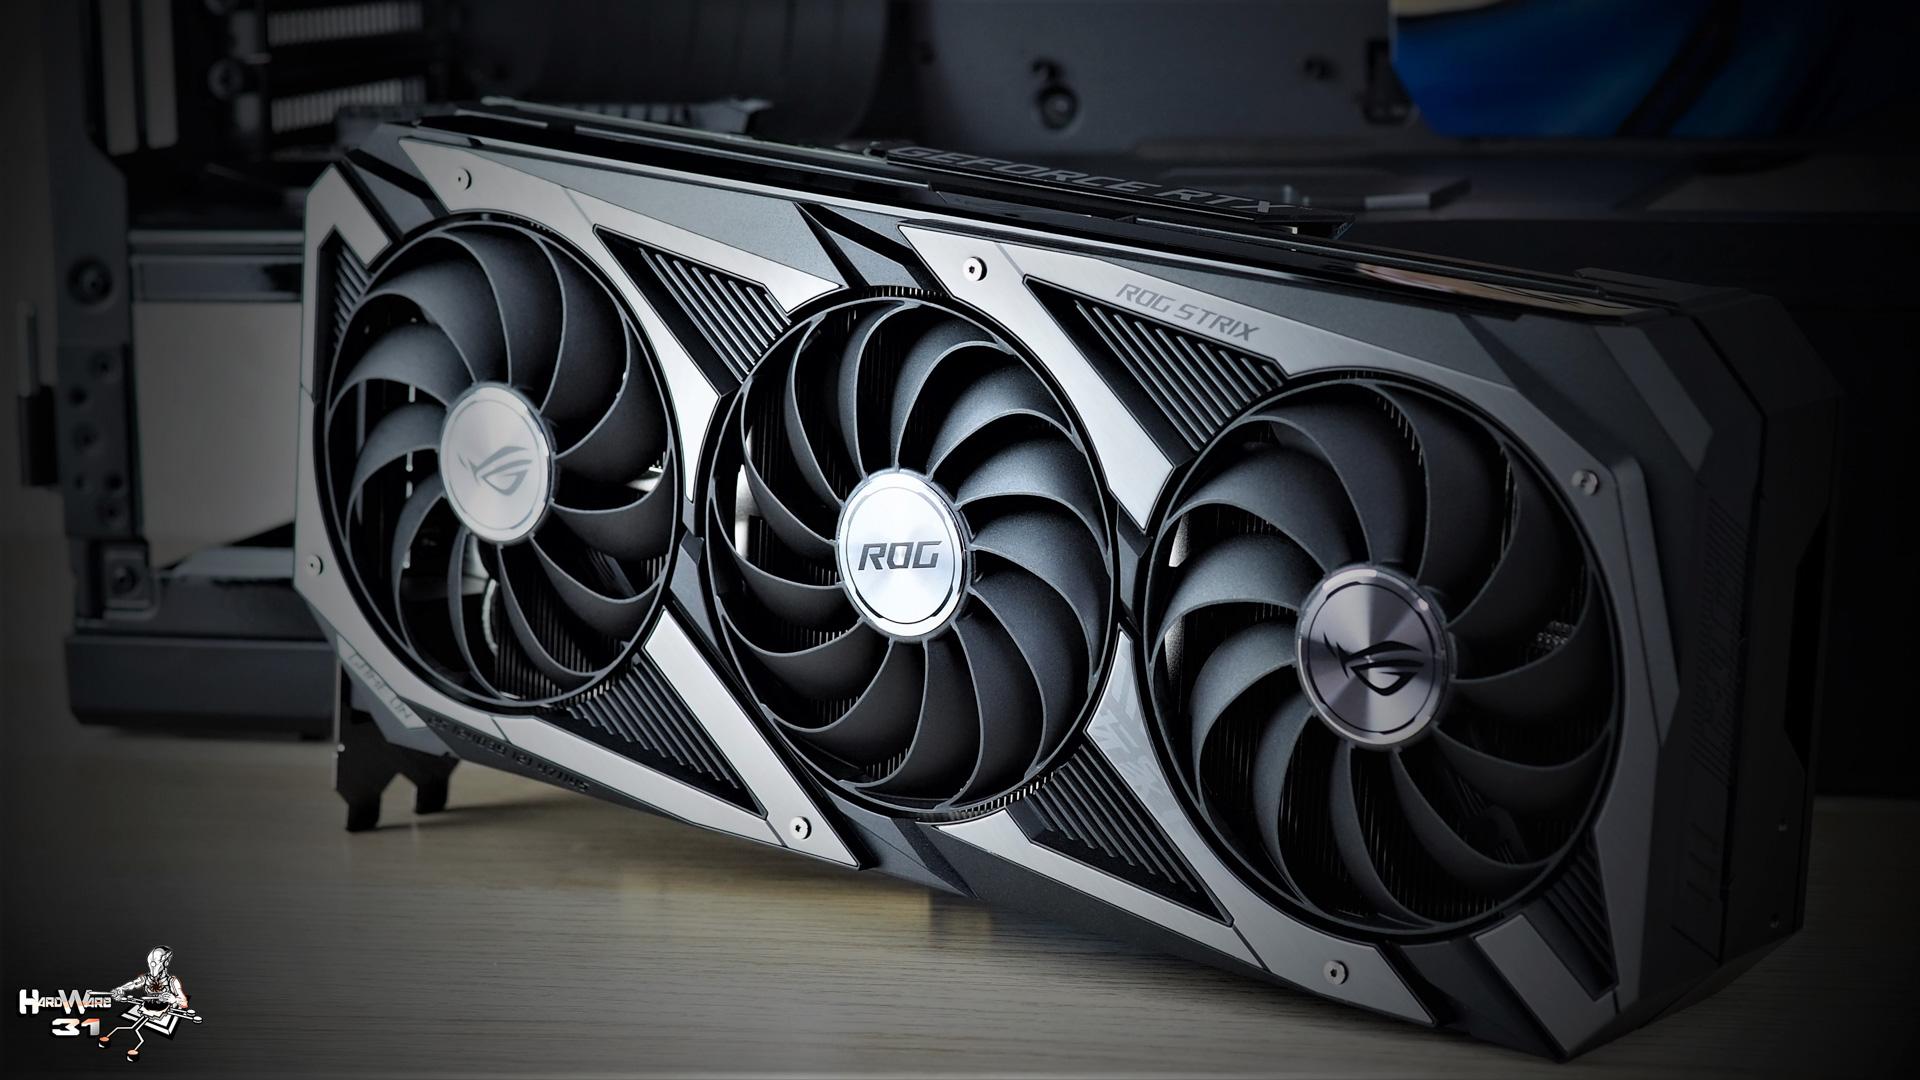 La carte graphique ASUS GeForce RTX 3080 ROG STRIX utilisée dans le projet Modding P600S Final Flash par Hardware31